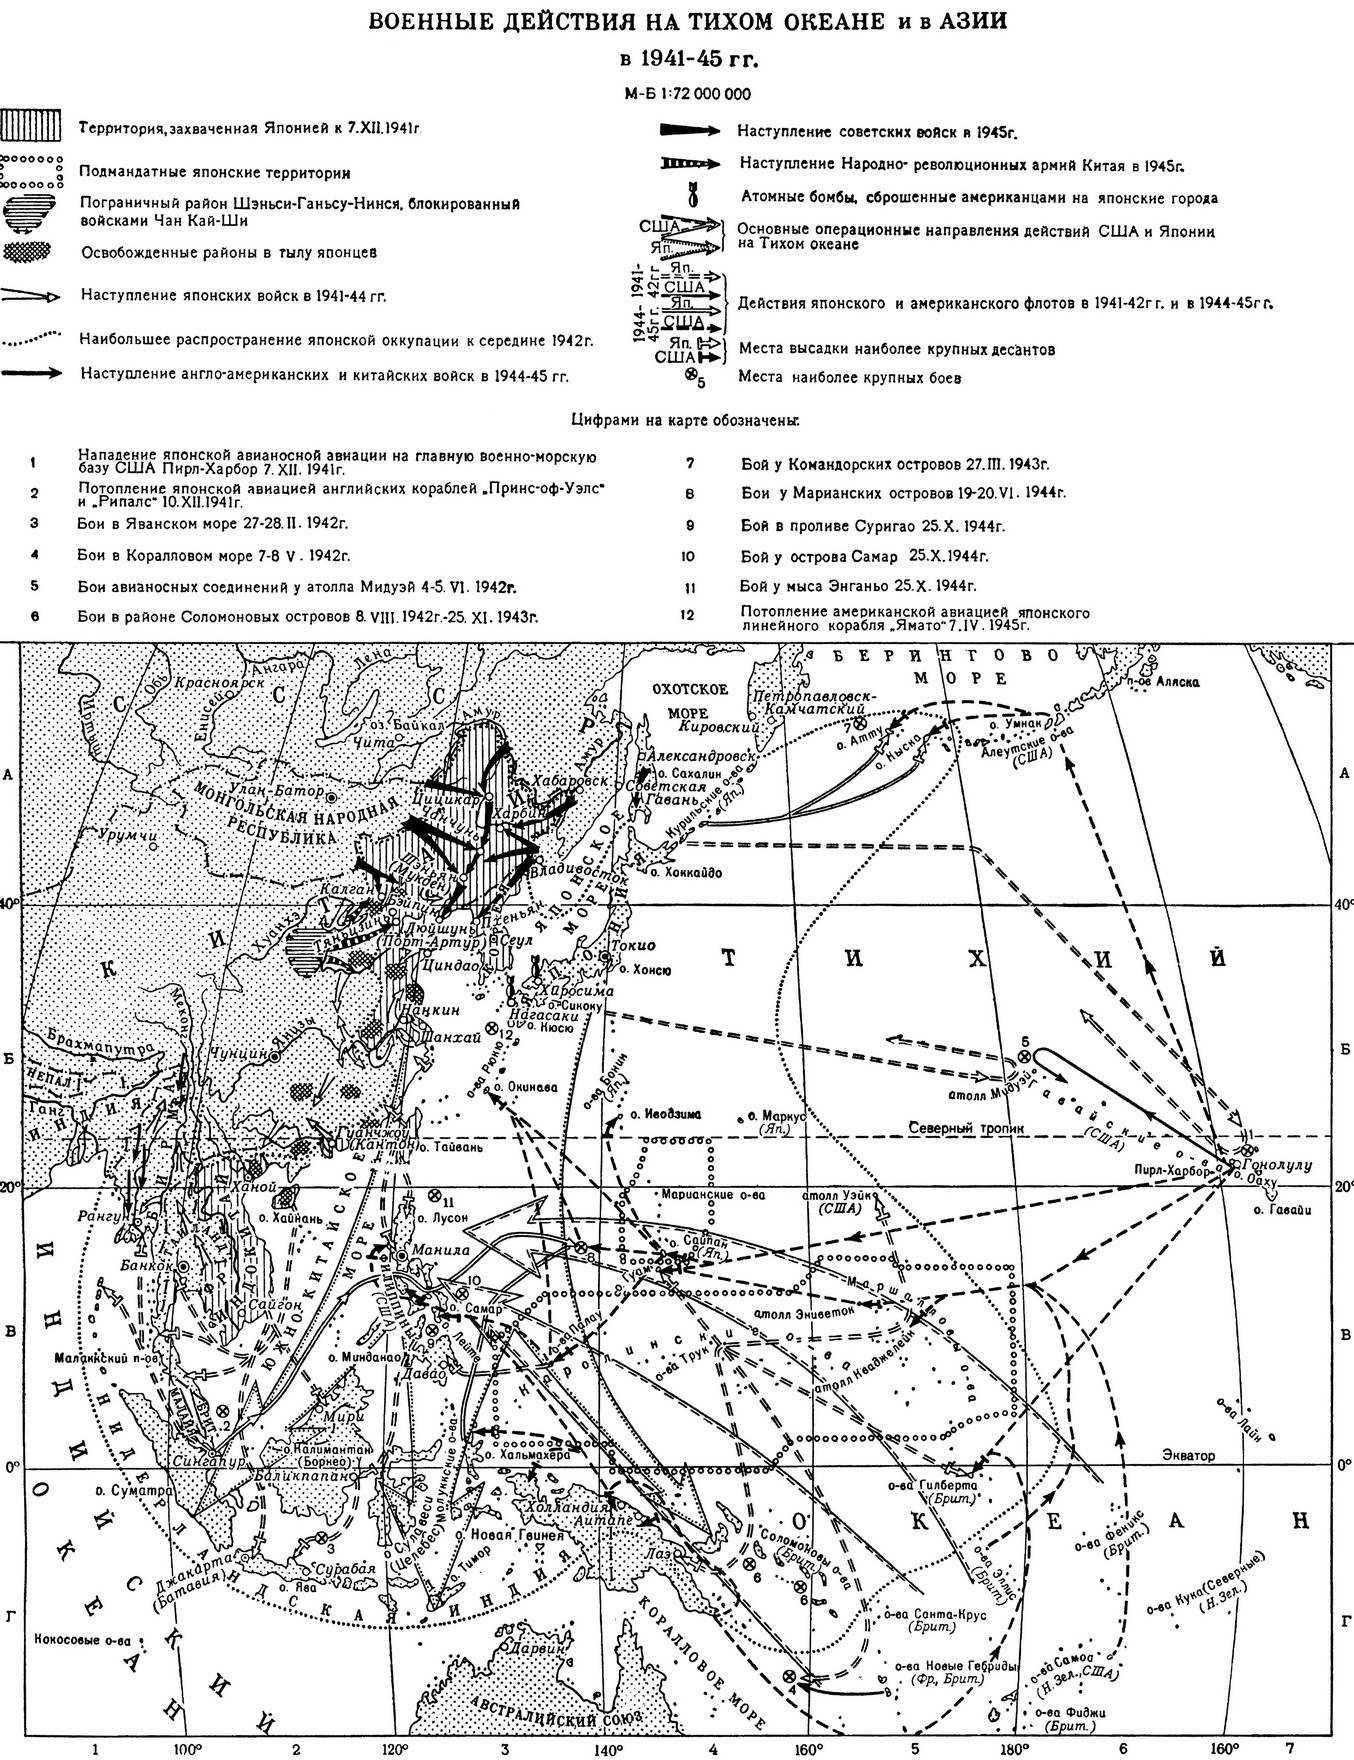 Военные действия на тихом океане и в